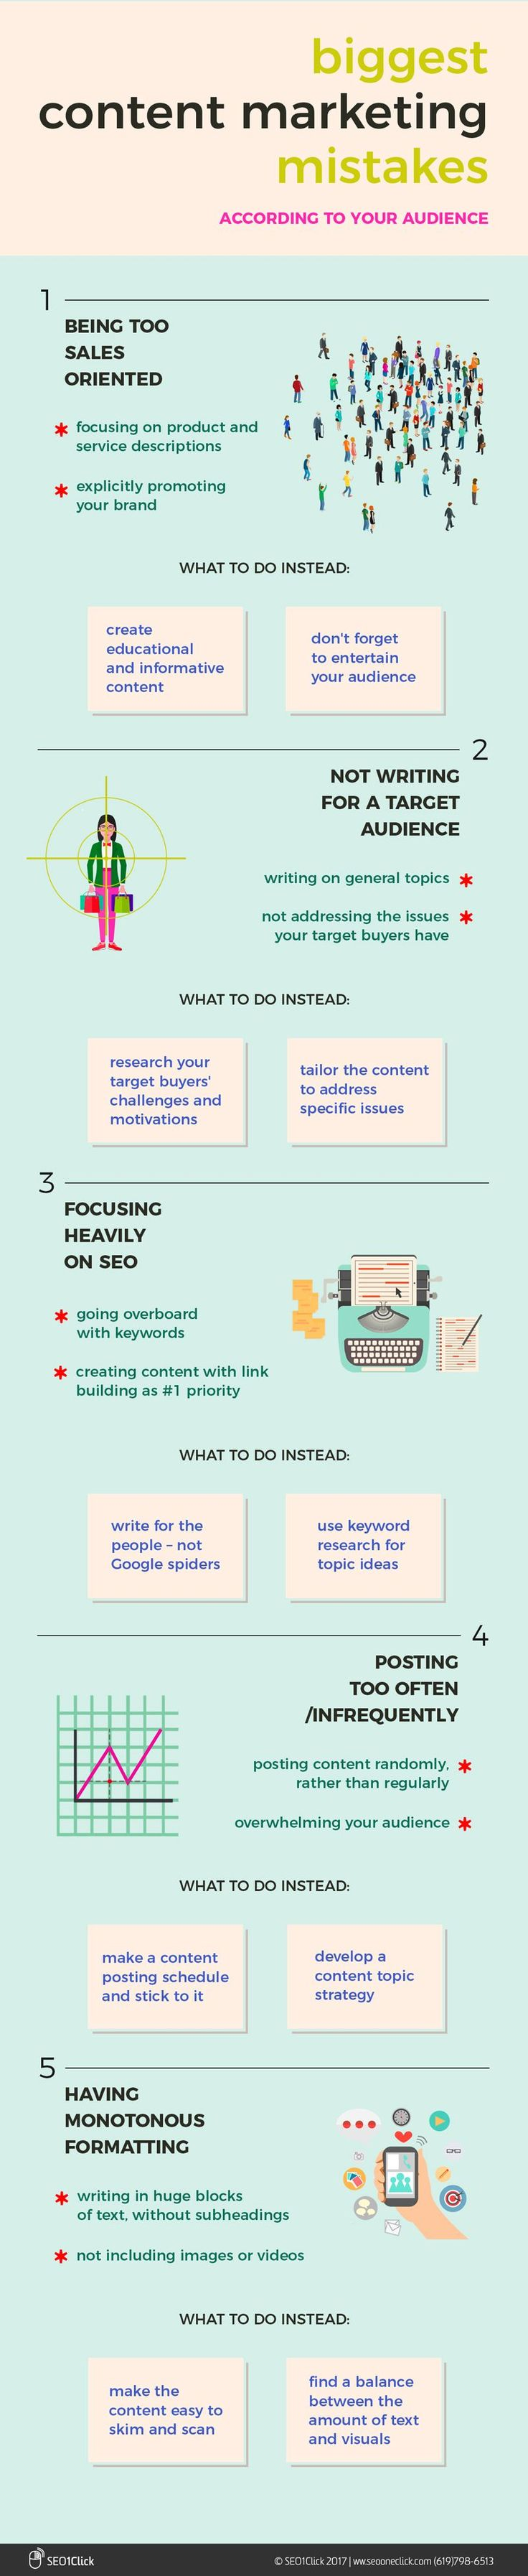 5 Content Marketing Mistakes That Turn Your Audience Off [Infographic] - @redwebdesign Leia os nossos artigos sobre Marketing Digital no Blog Estratégia Digital em http://www.estrategiadigital.pt/category/marketing-digital/